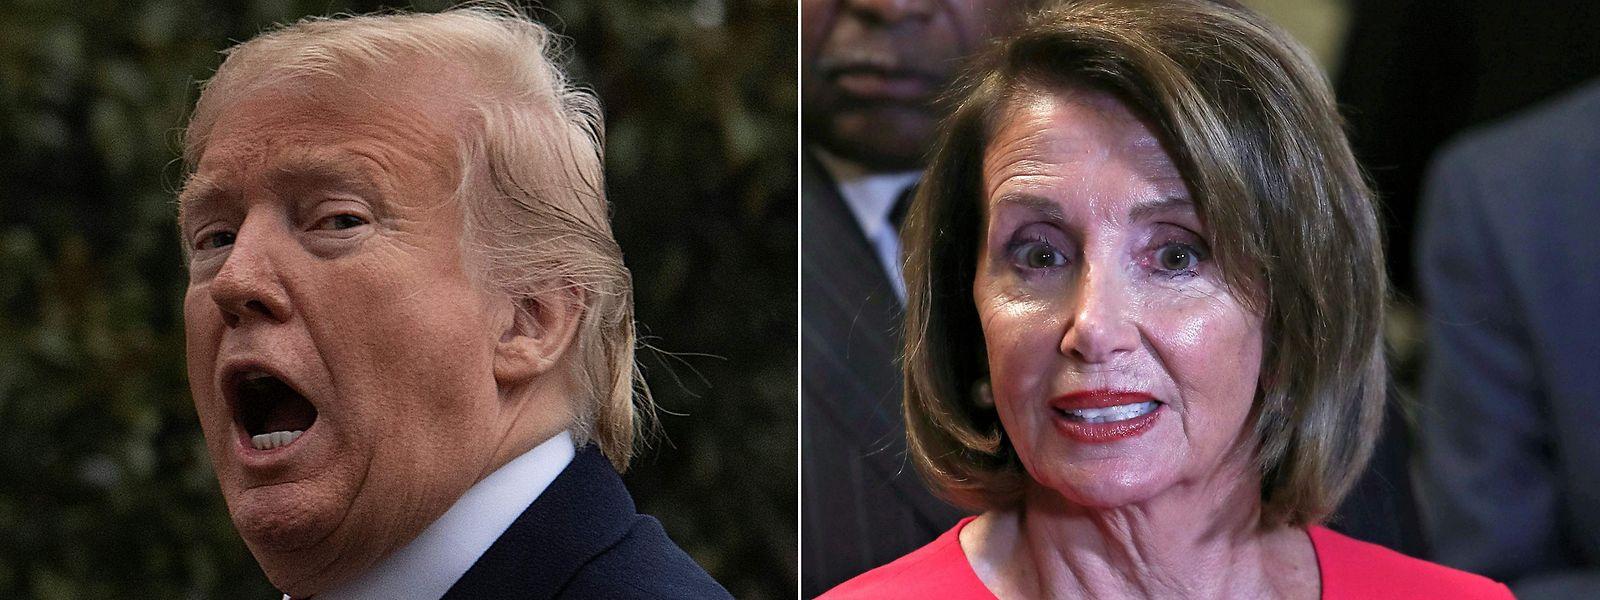 Donald Trump e Nancy Pelosi parecem antecipar a guerra entre republicanos e democratas para as eleições de 2020.